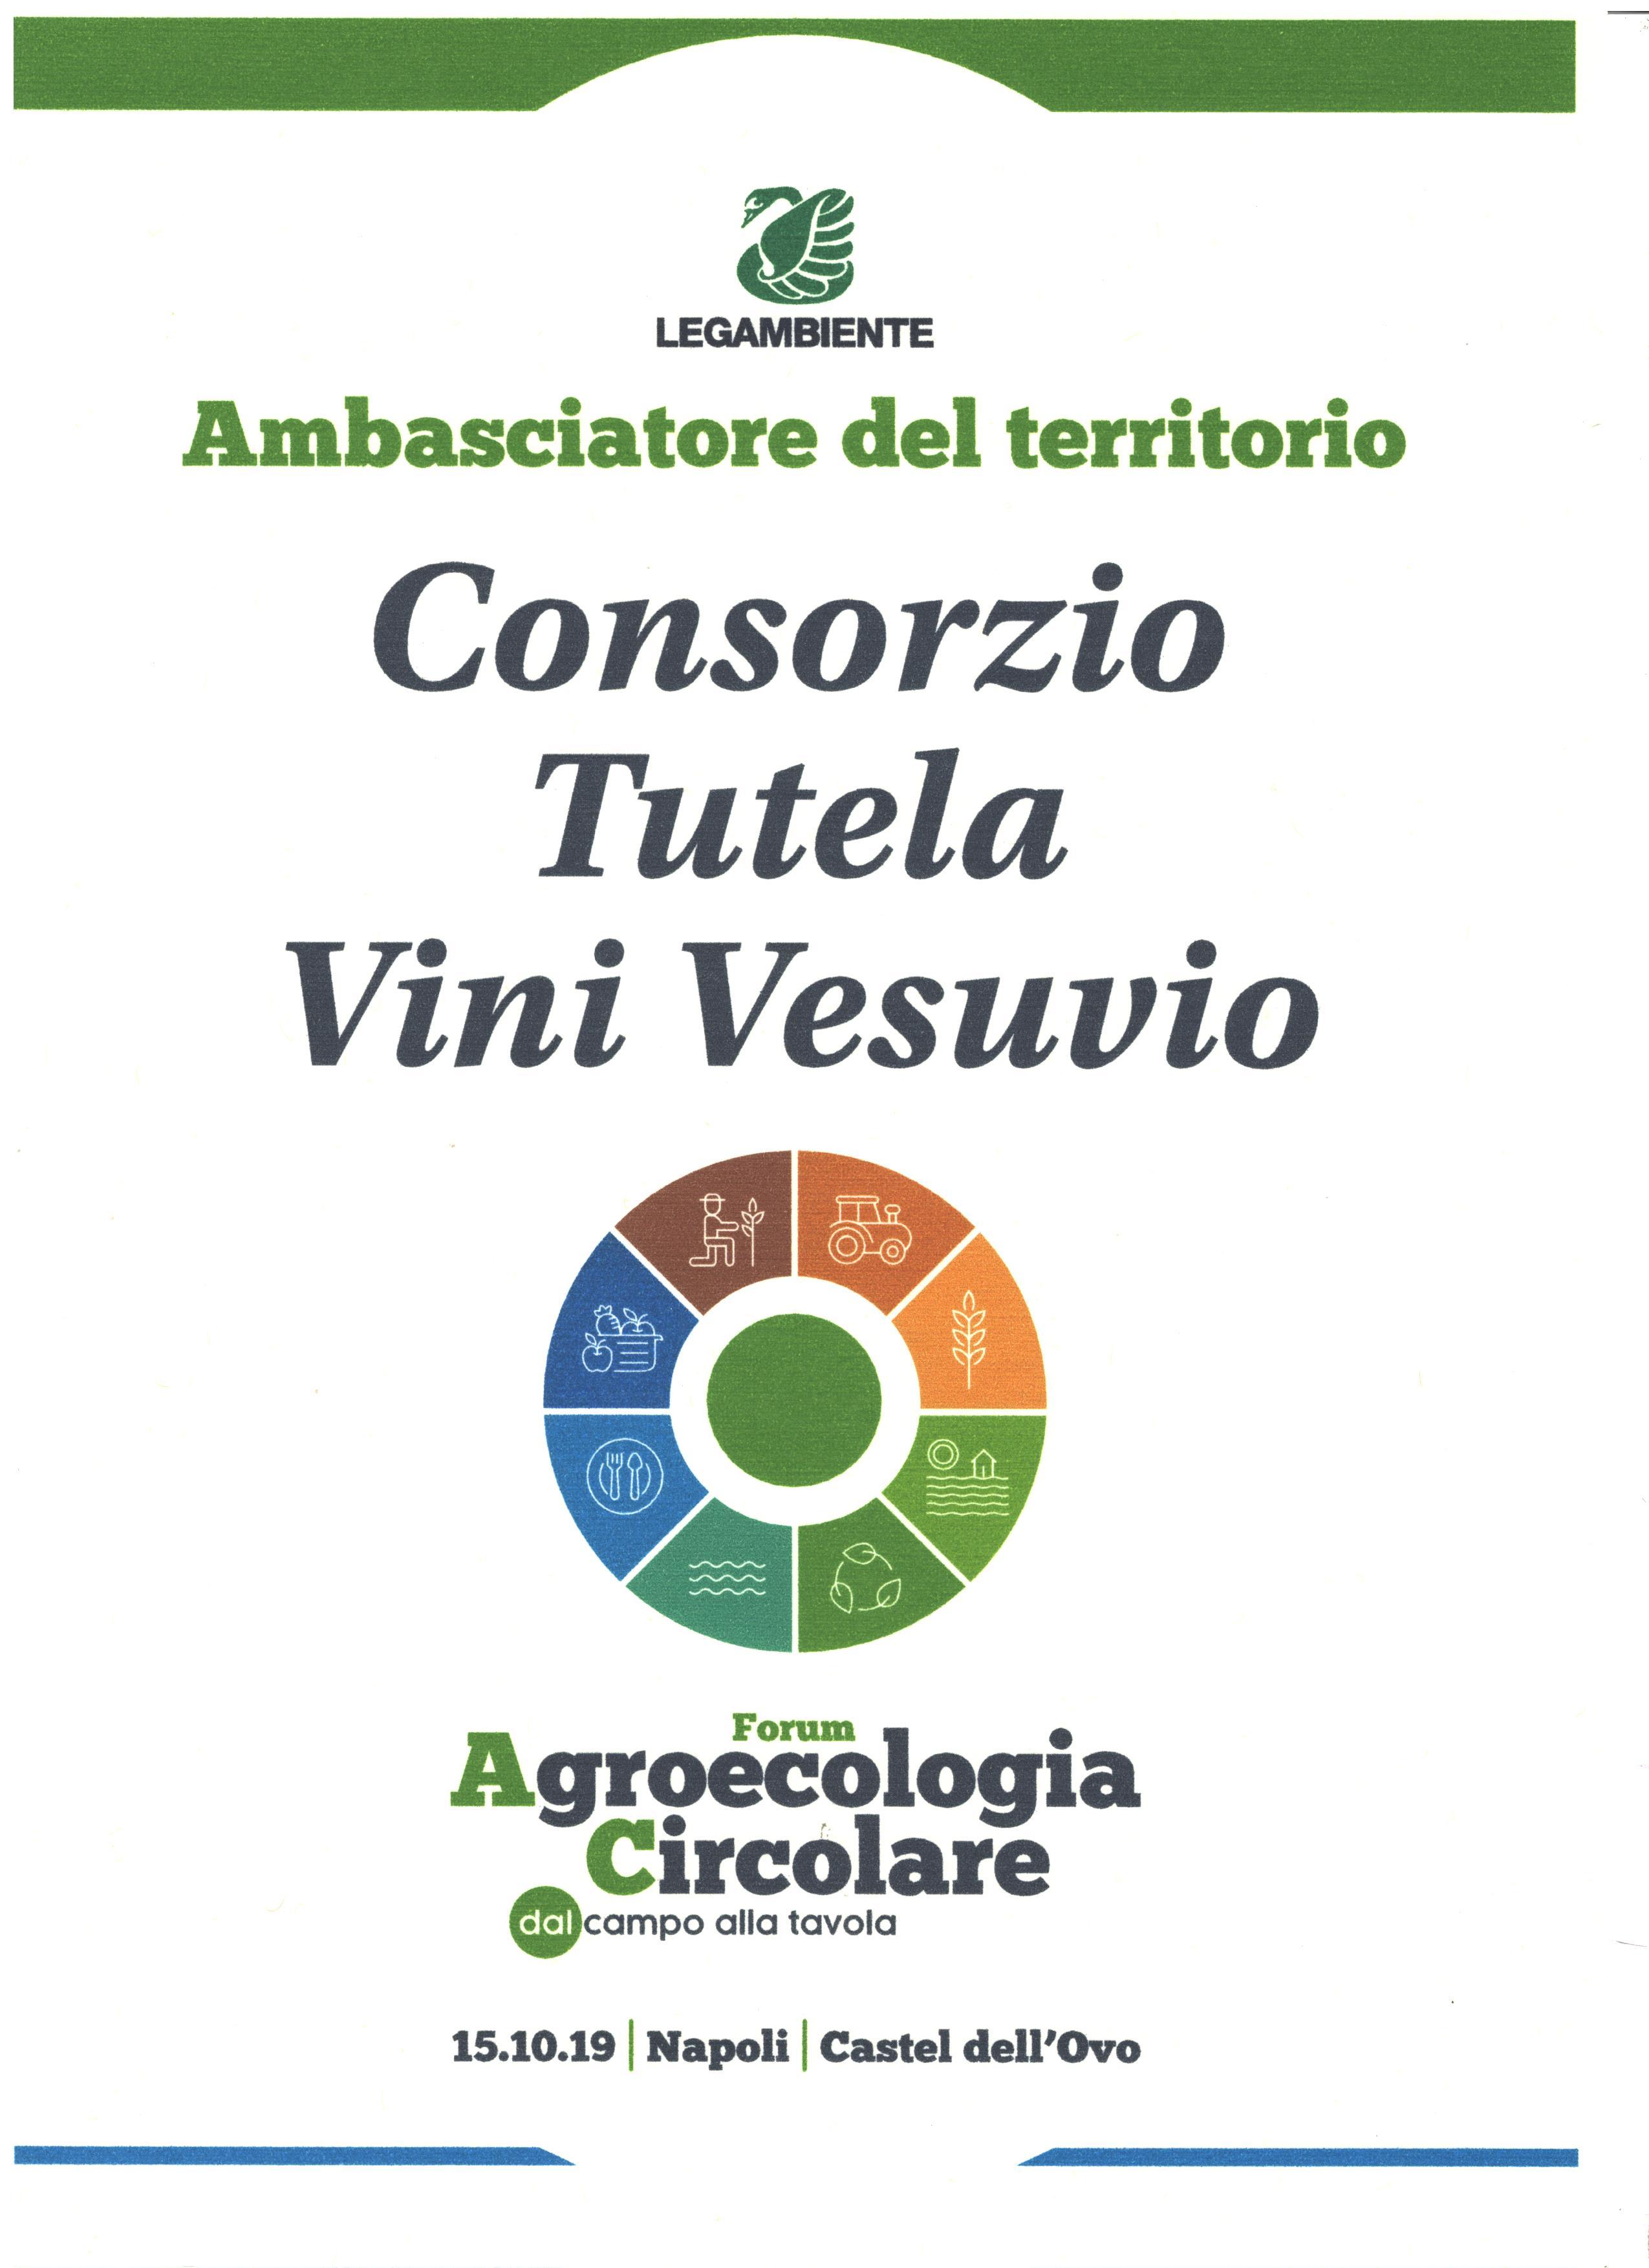 Consorzio tutela Vini del Vesuvio ambasciatore del territorio Legambiente